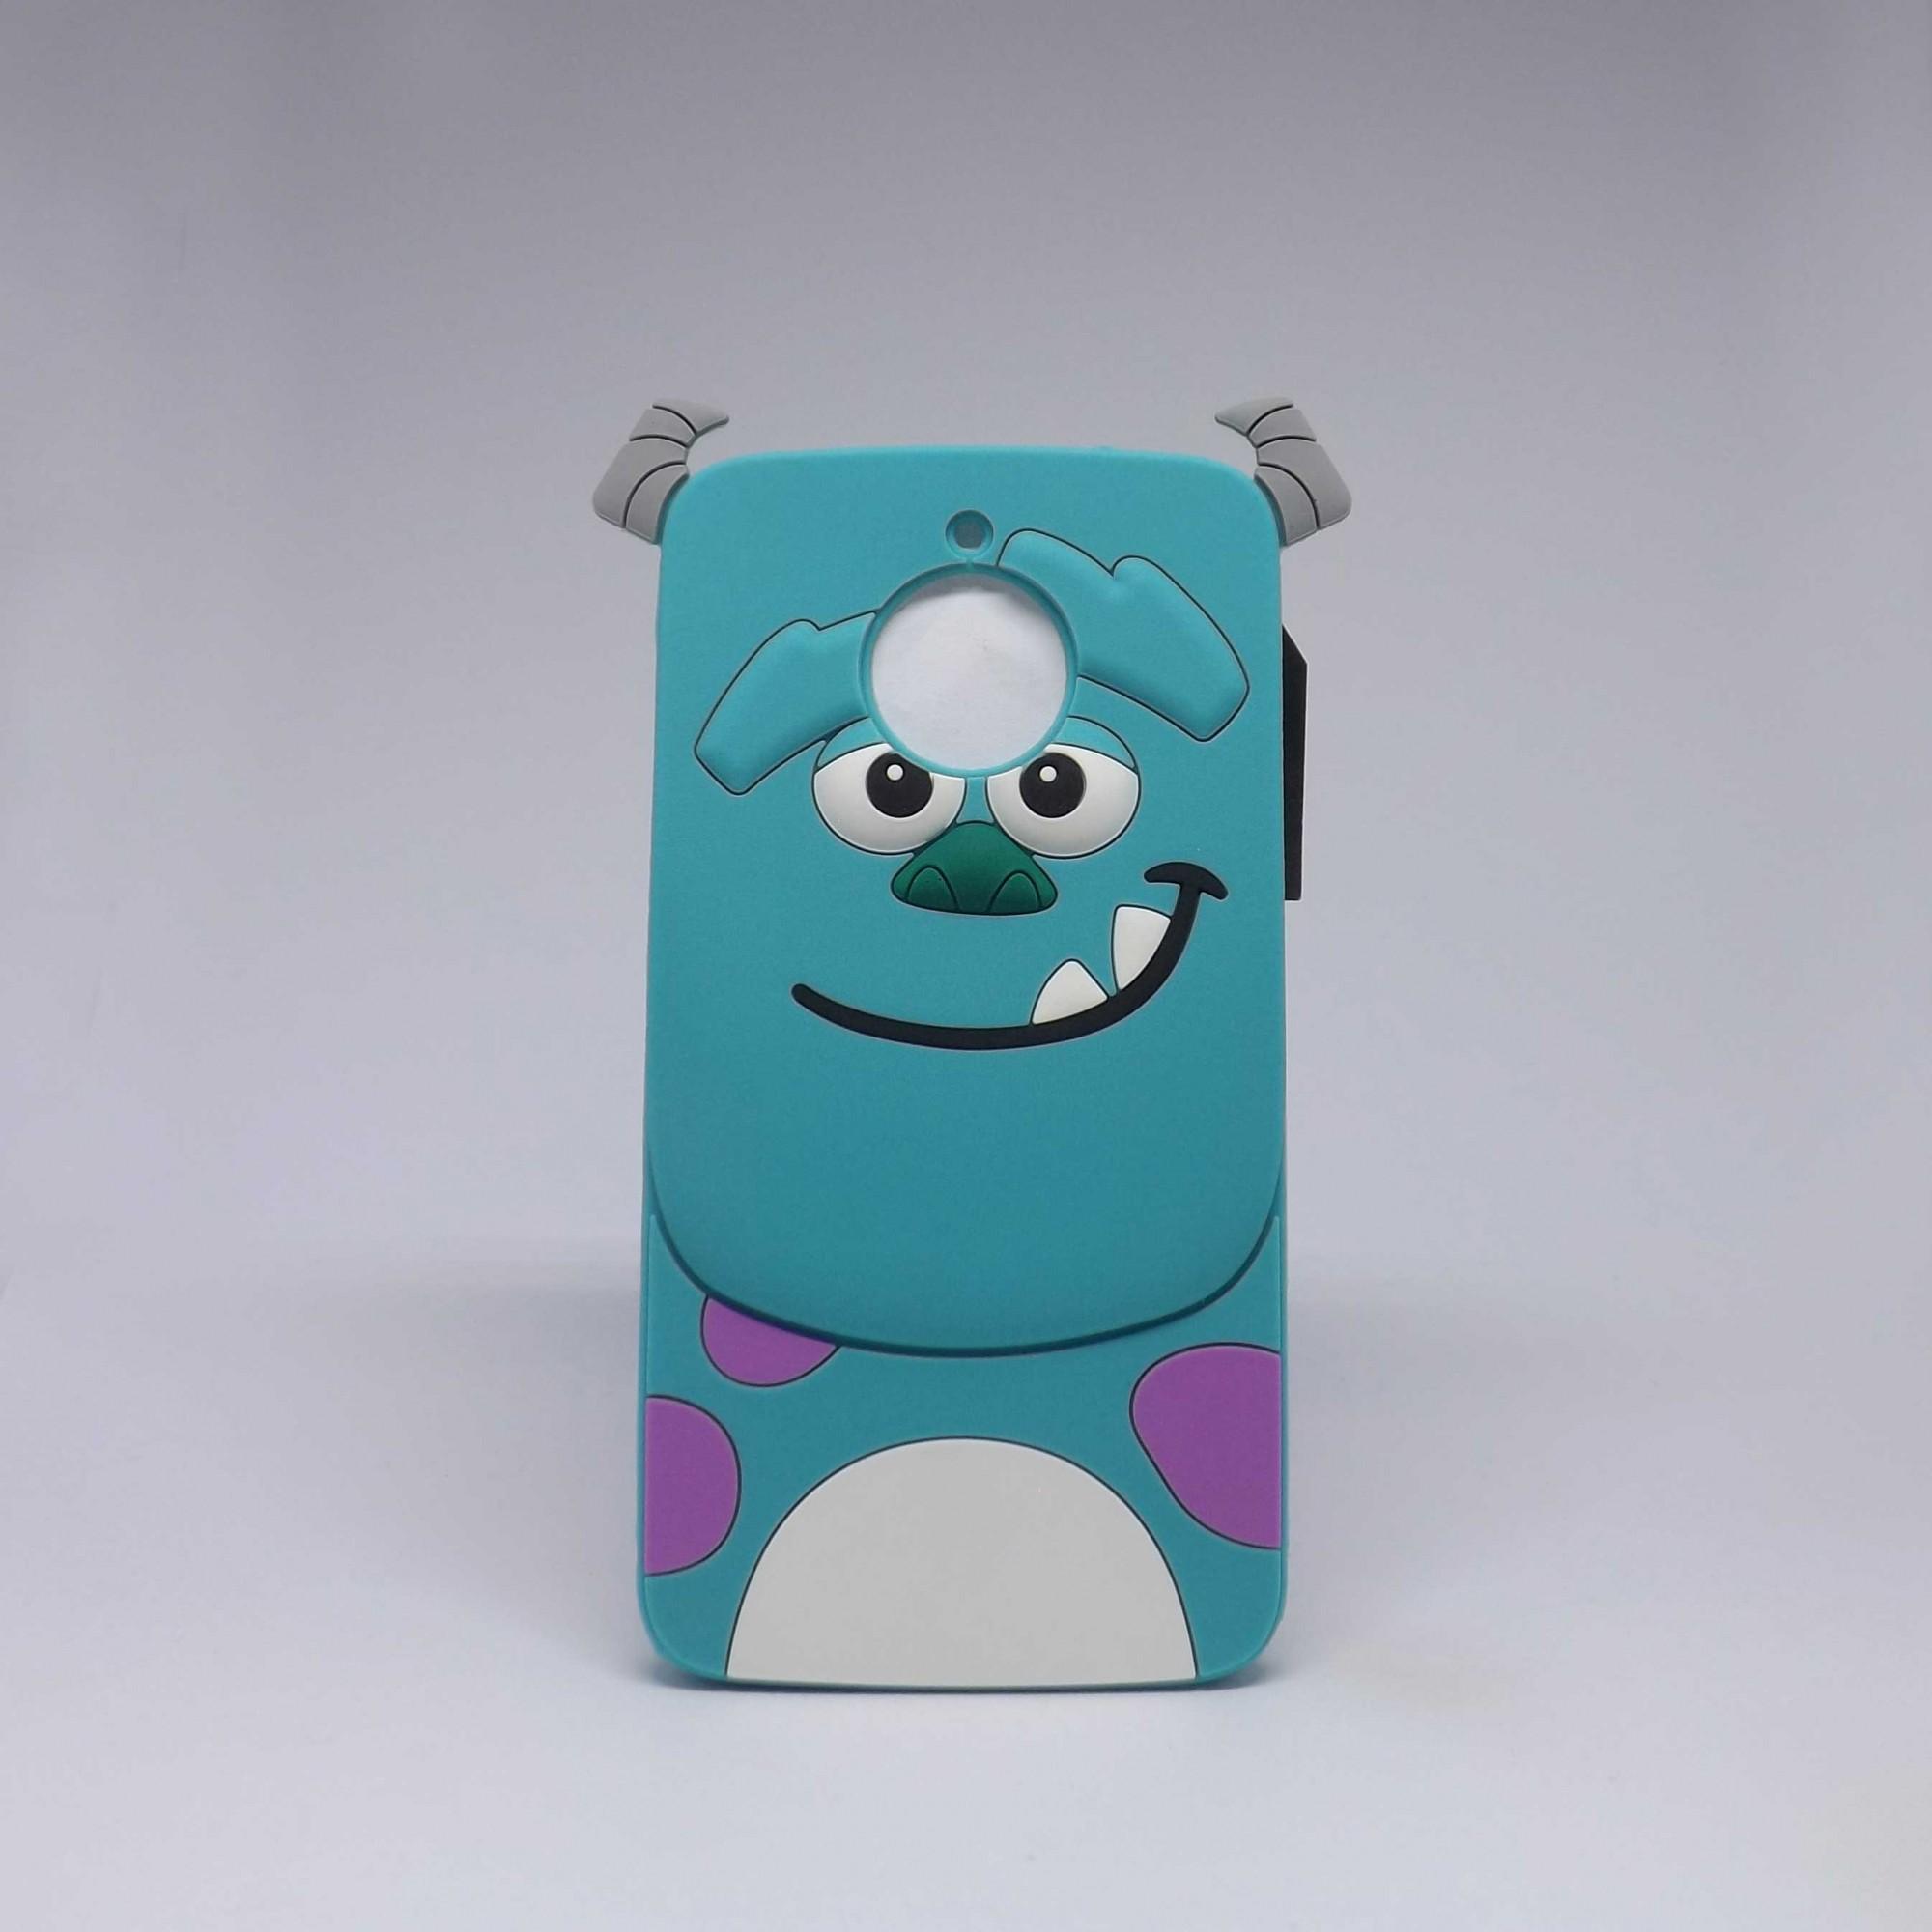 Capa Moto G5s Plus Personagens - Sulivan